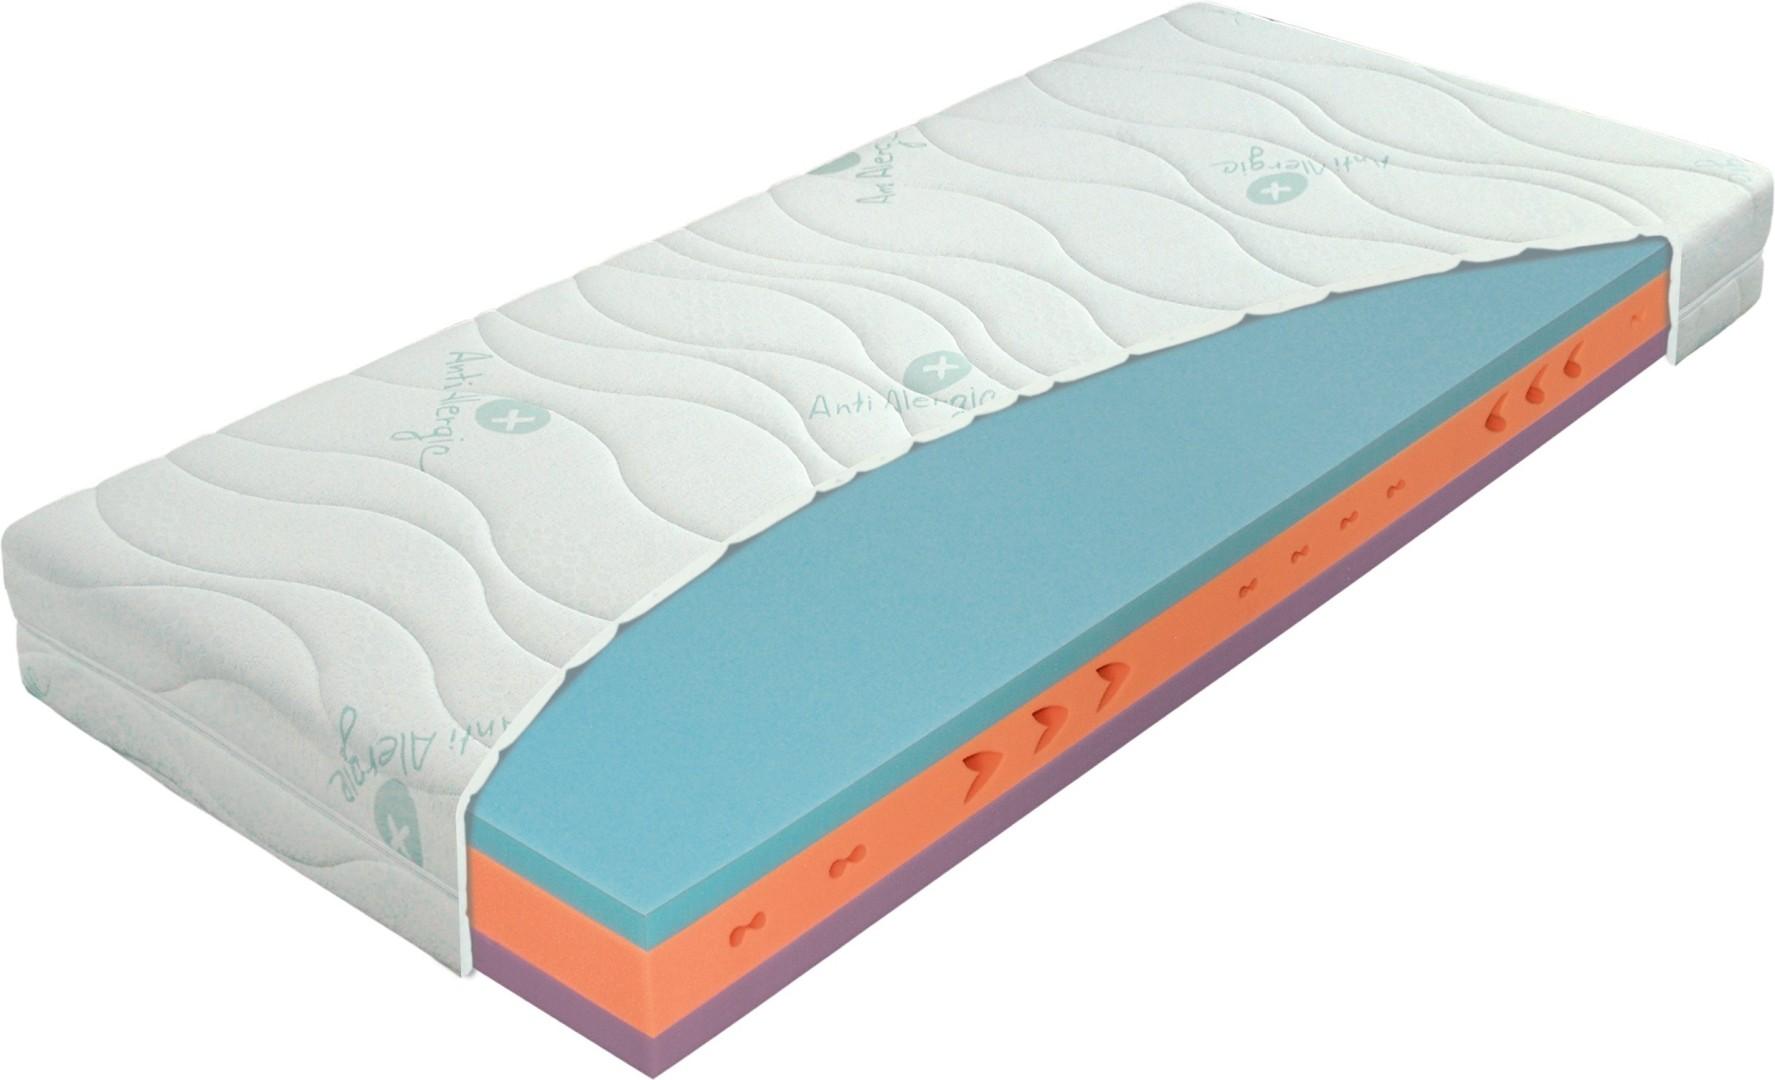 Materasso ERGOFLEX 18 cm - vynikající poměr kvality a ceny v akci 1+1 120 x 200 cm 2 ks, snímatelný potah